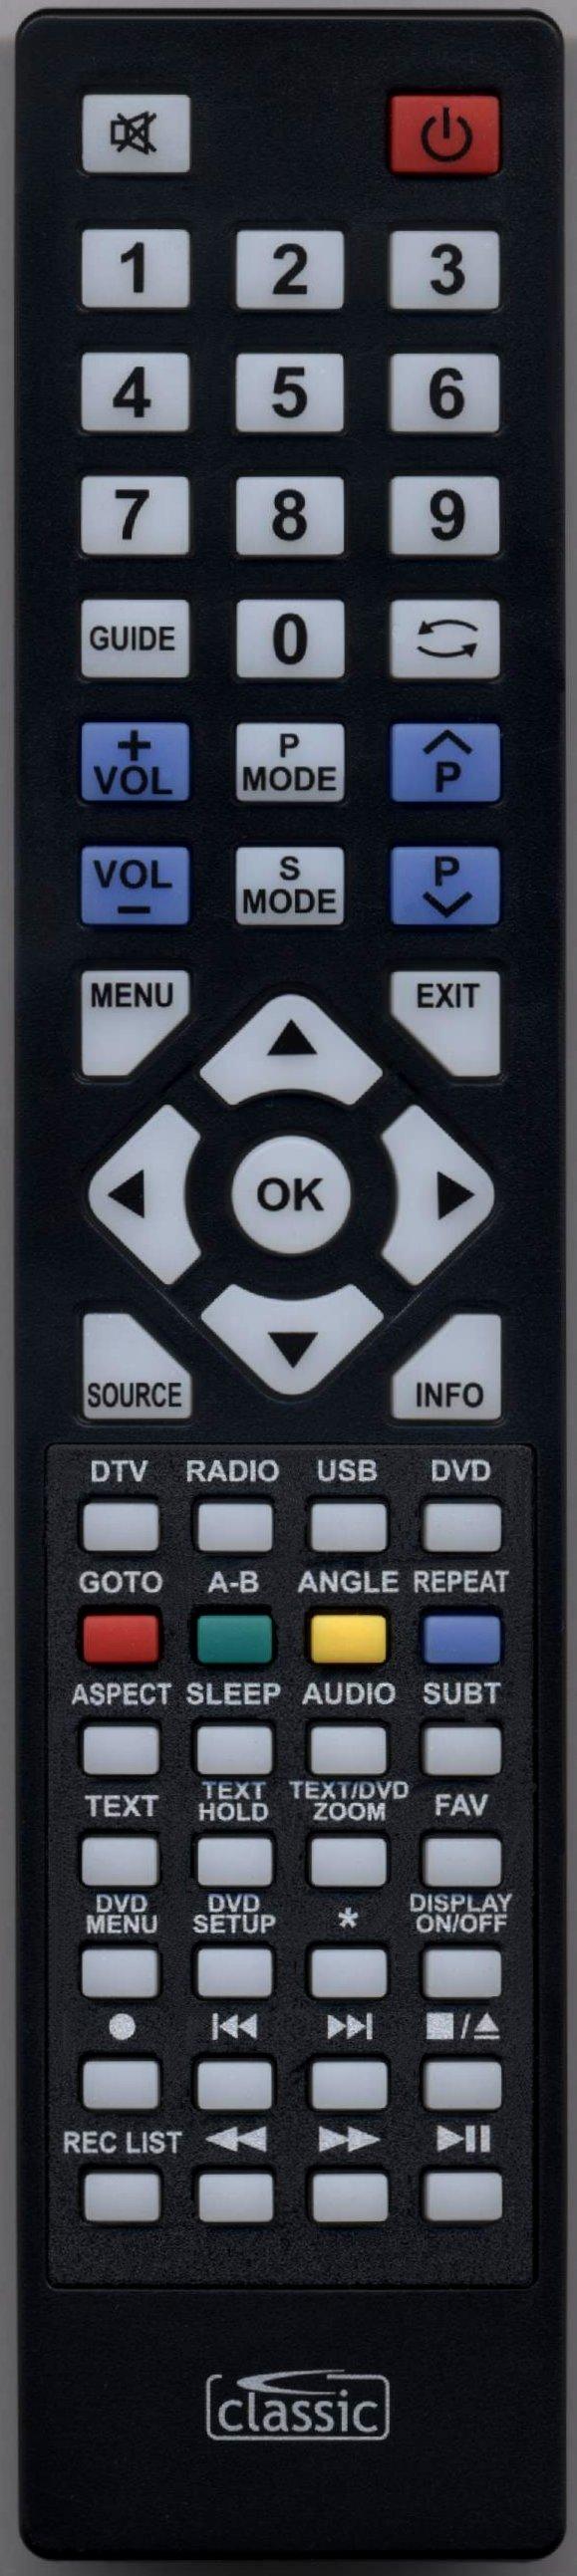 BLAUPUNKT 32/152R-GB-3B-GKU Remote Control